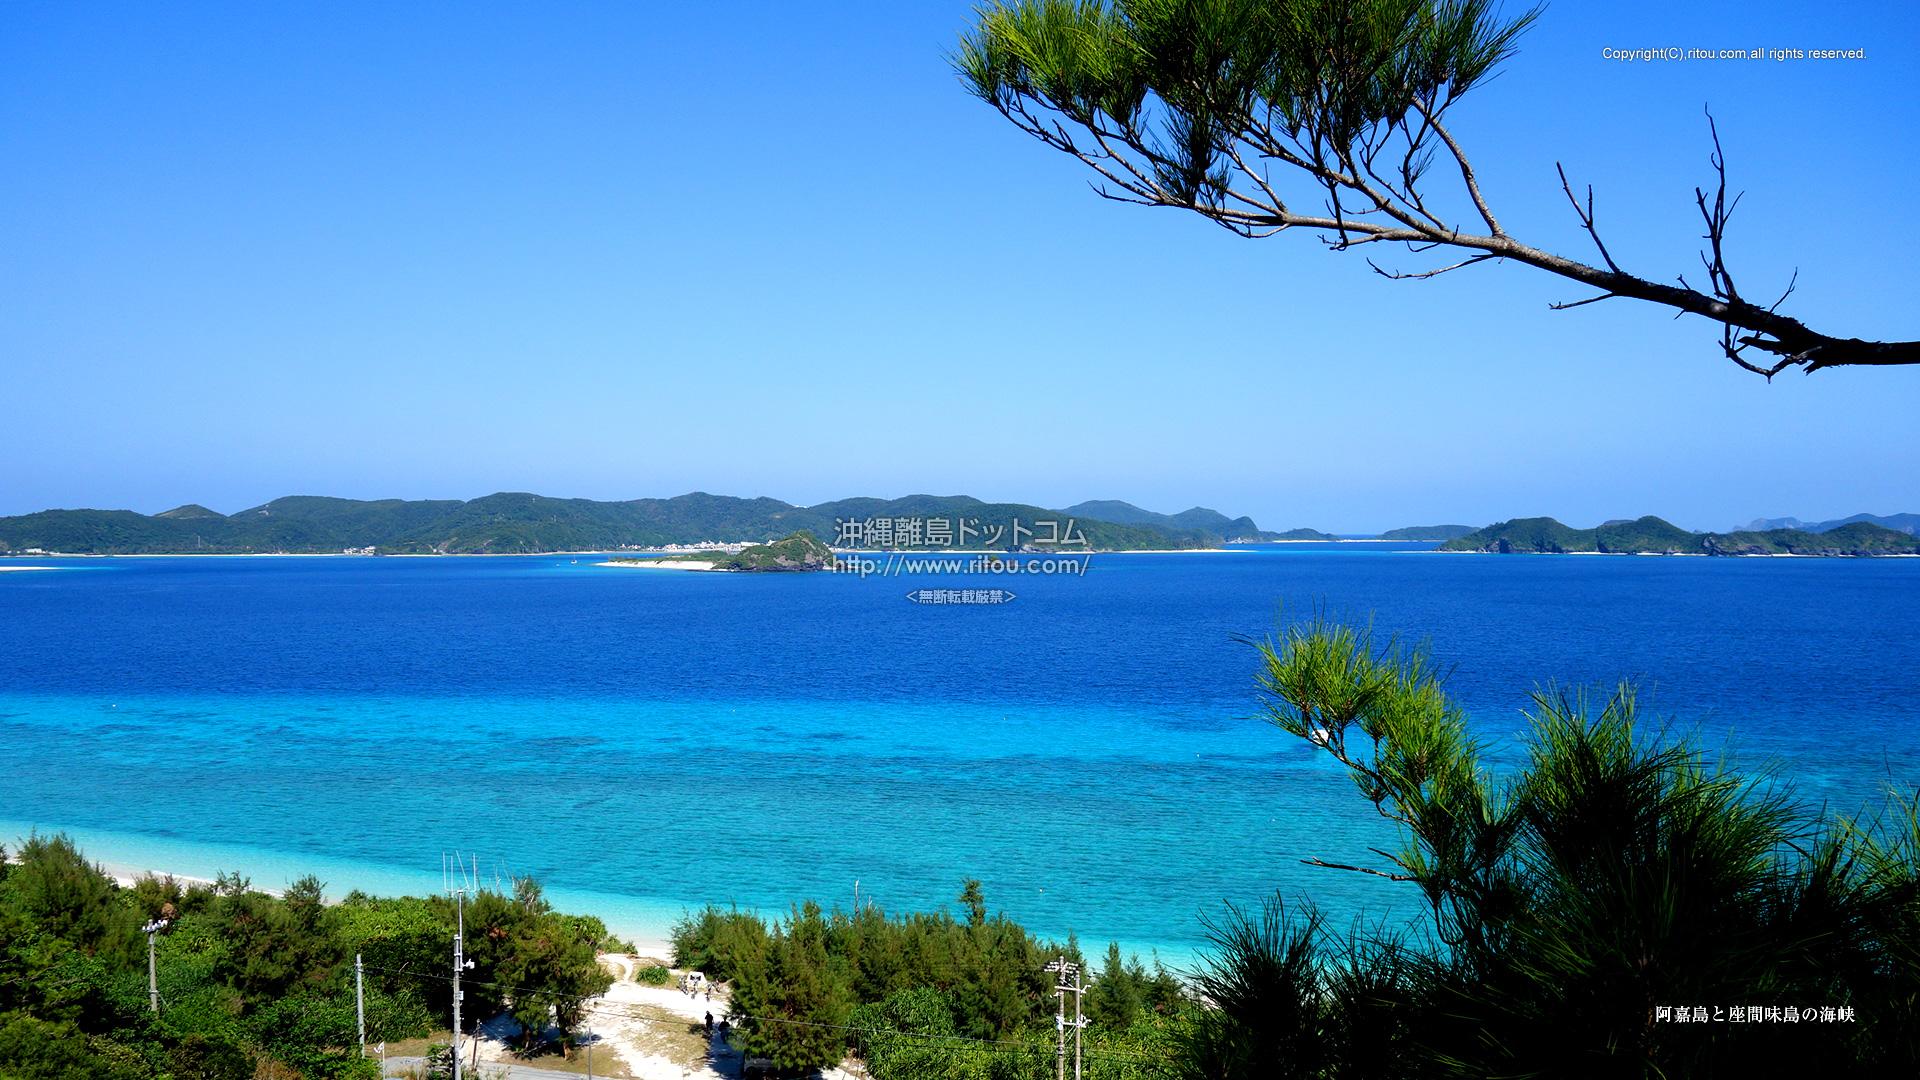 阿嘉島と座間味島の海峡